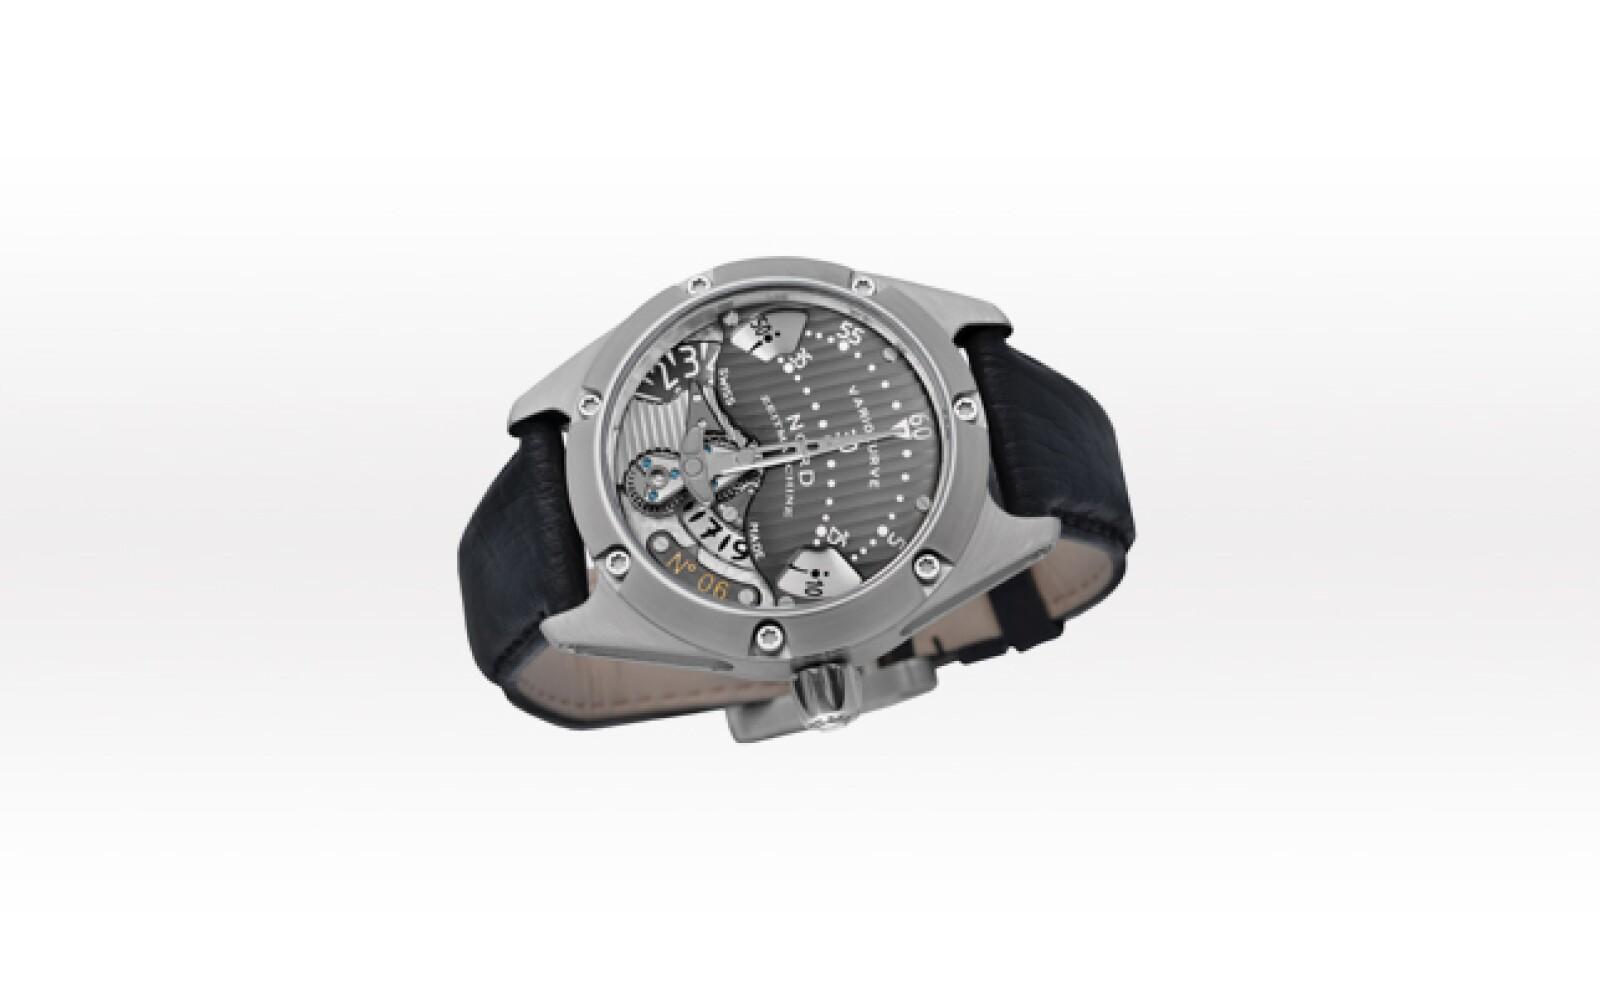 Sólo seis relojes de éste modelo son producidos al año. Su creador, Daniel Nebel, es el que se encarga de producir minuciosamente cada una de las piezas que integran a su maquinaria.